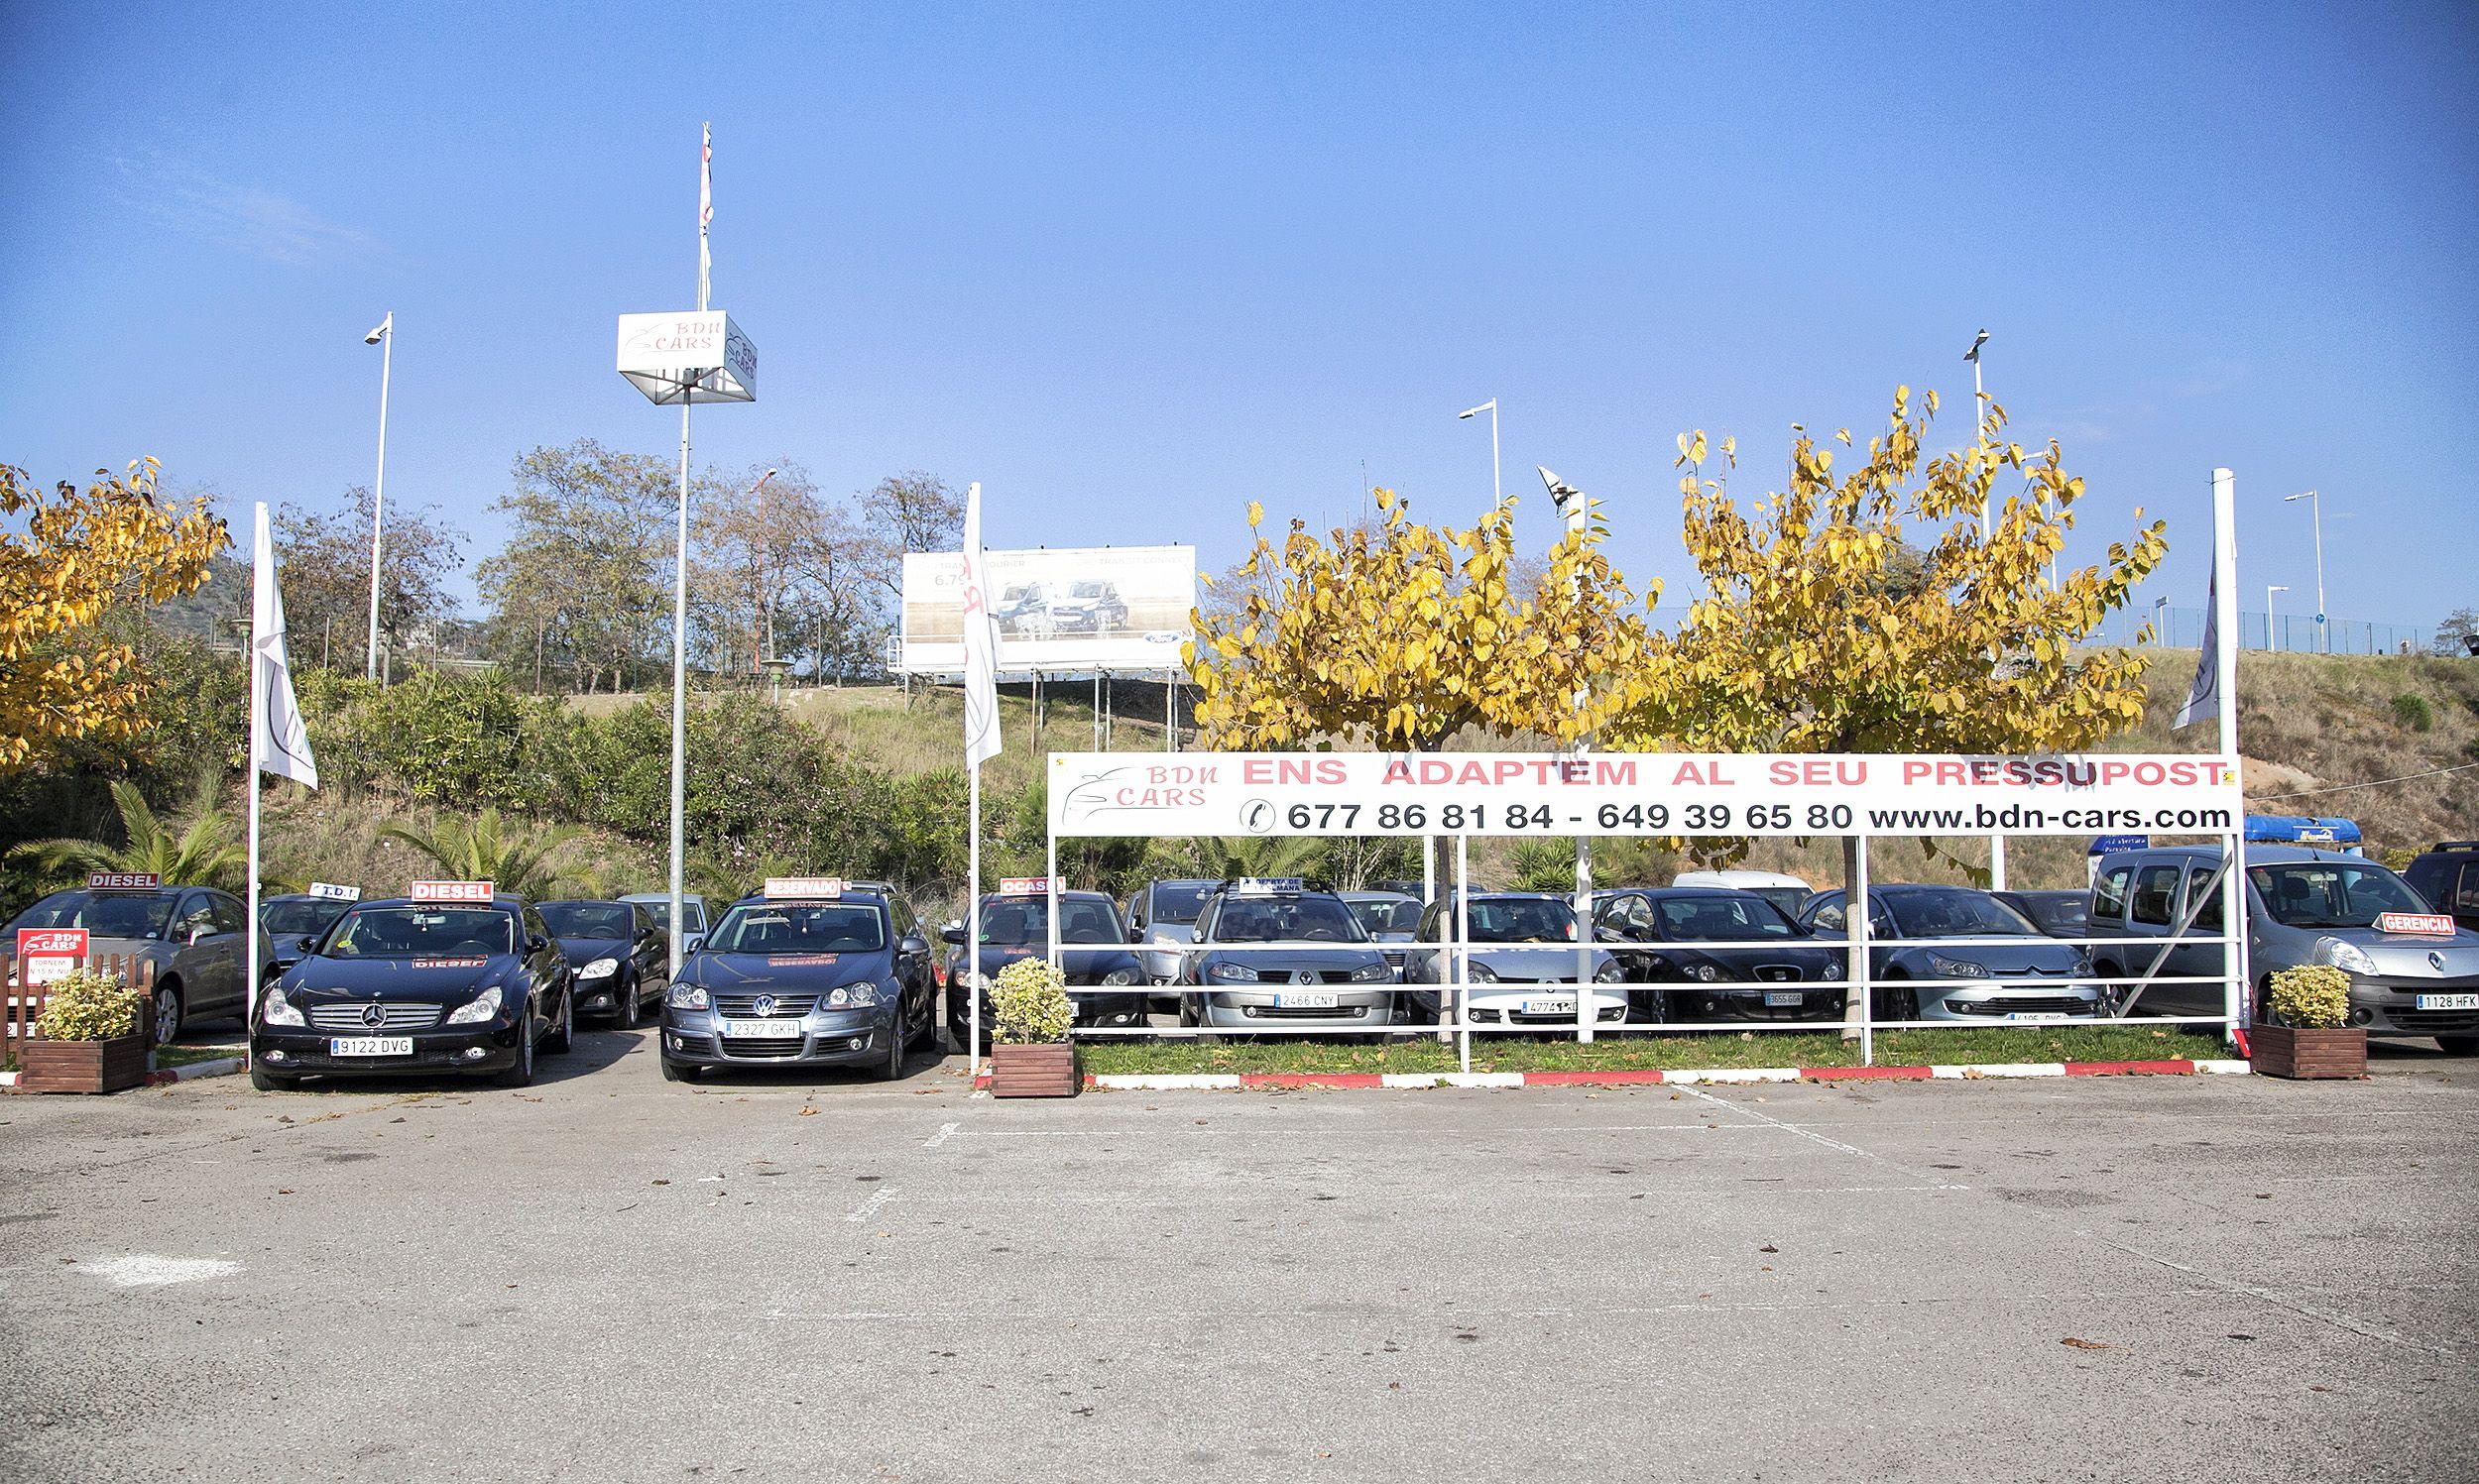 Compra y venta de vehículos en Badalona ajustados a tu presupuesto